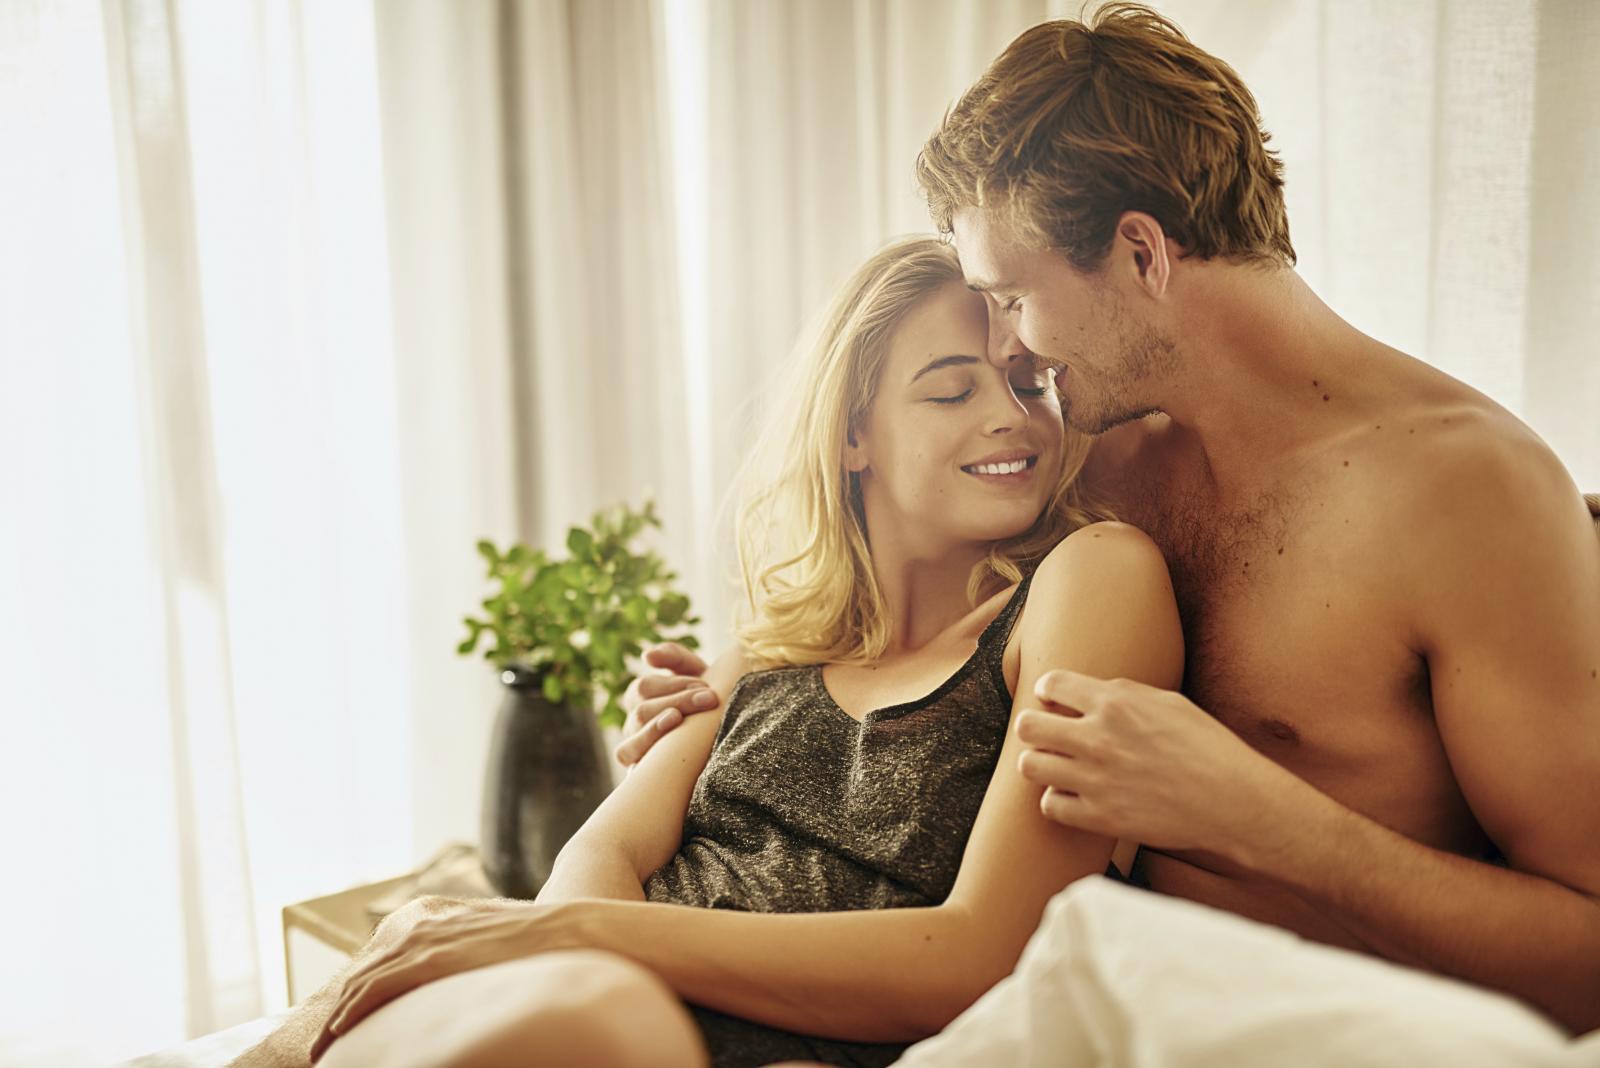 Uz sve ove savjete, vrlo važan je i da se opustite, da u trenucima intime s partnerom probate biti neopterećeni...